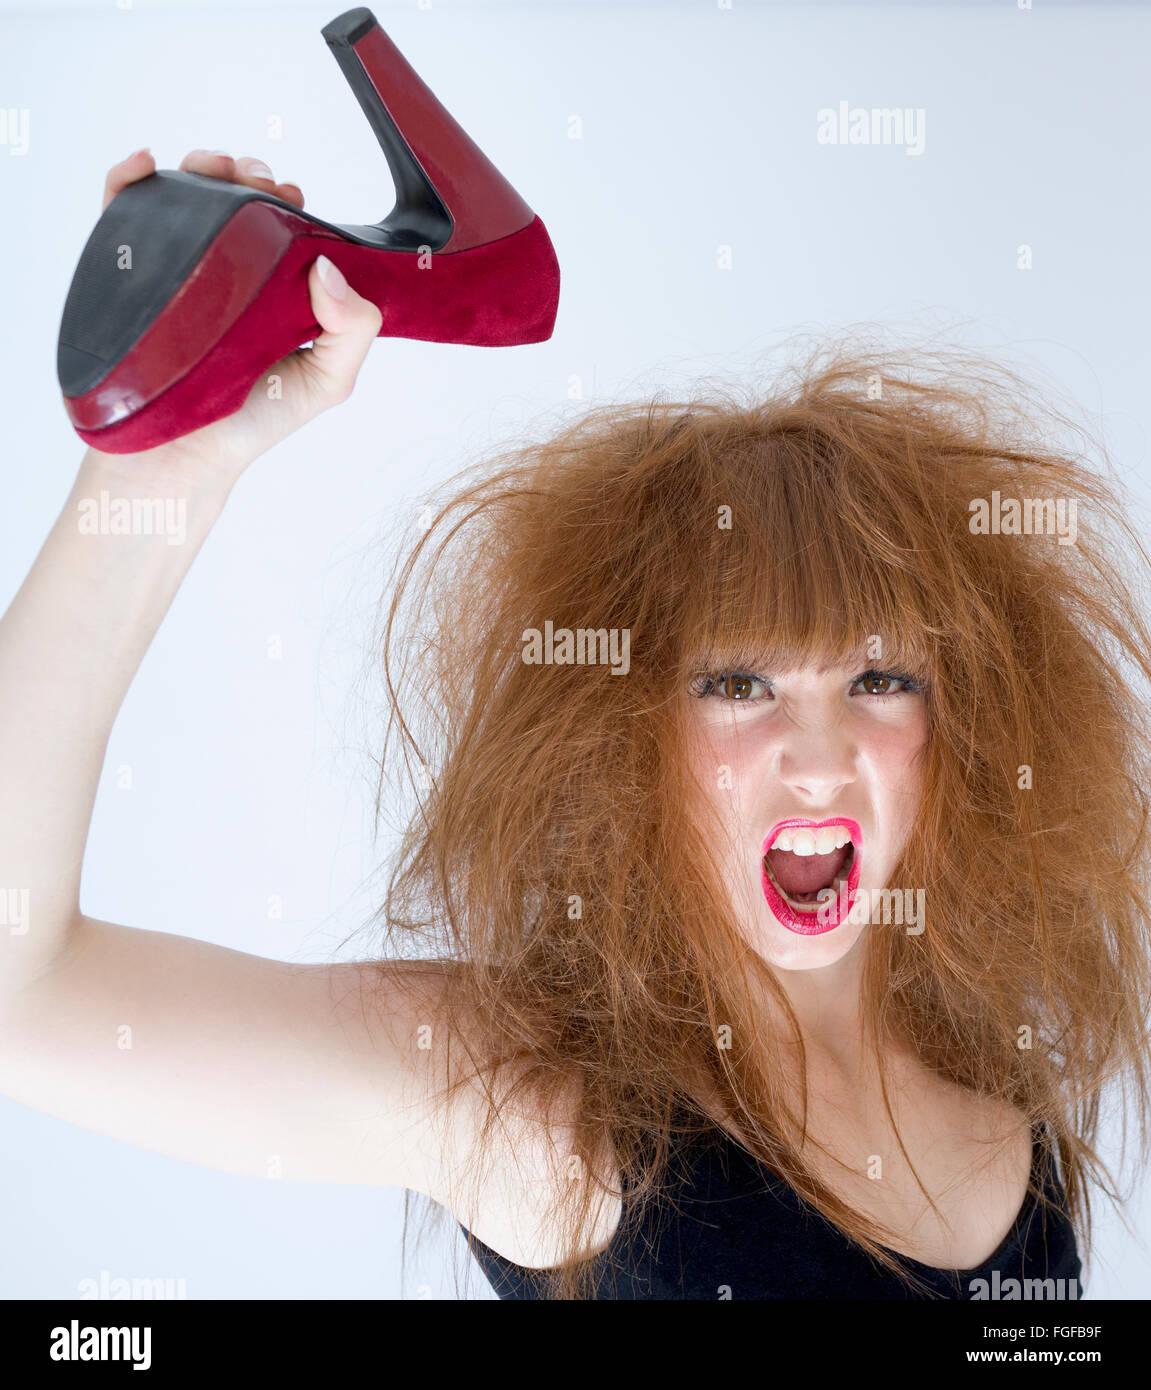 Mujer con cabello desordenado sosteniendo un zapato de tacón alto gamuza roja en el aire acerca de huelga, Imagen De Stock